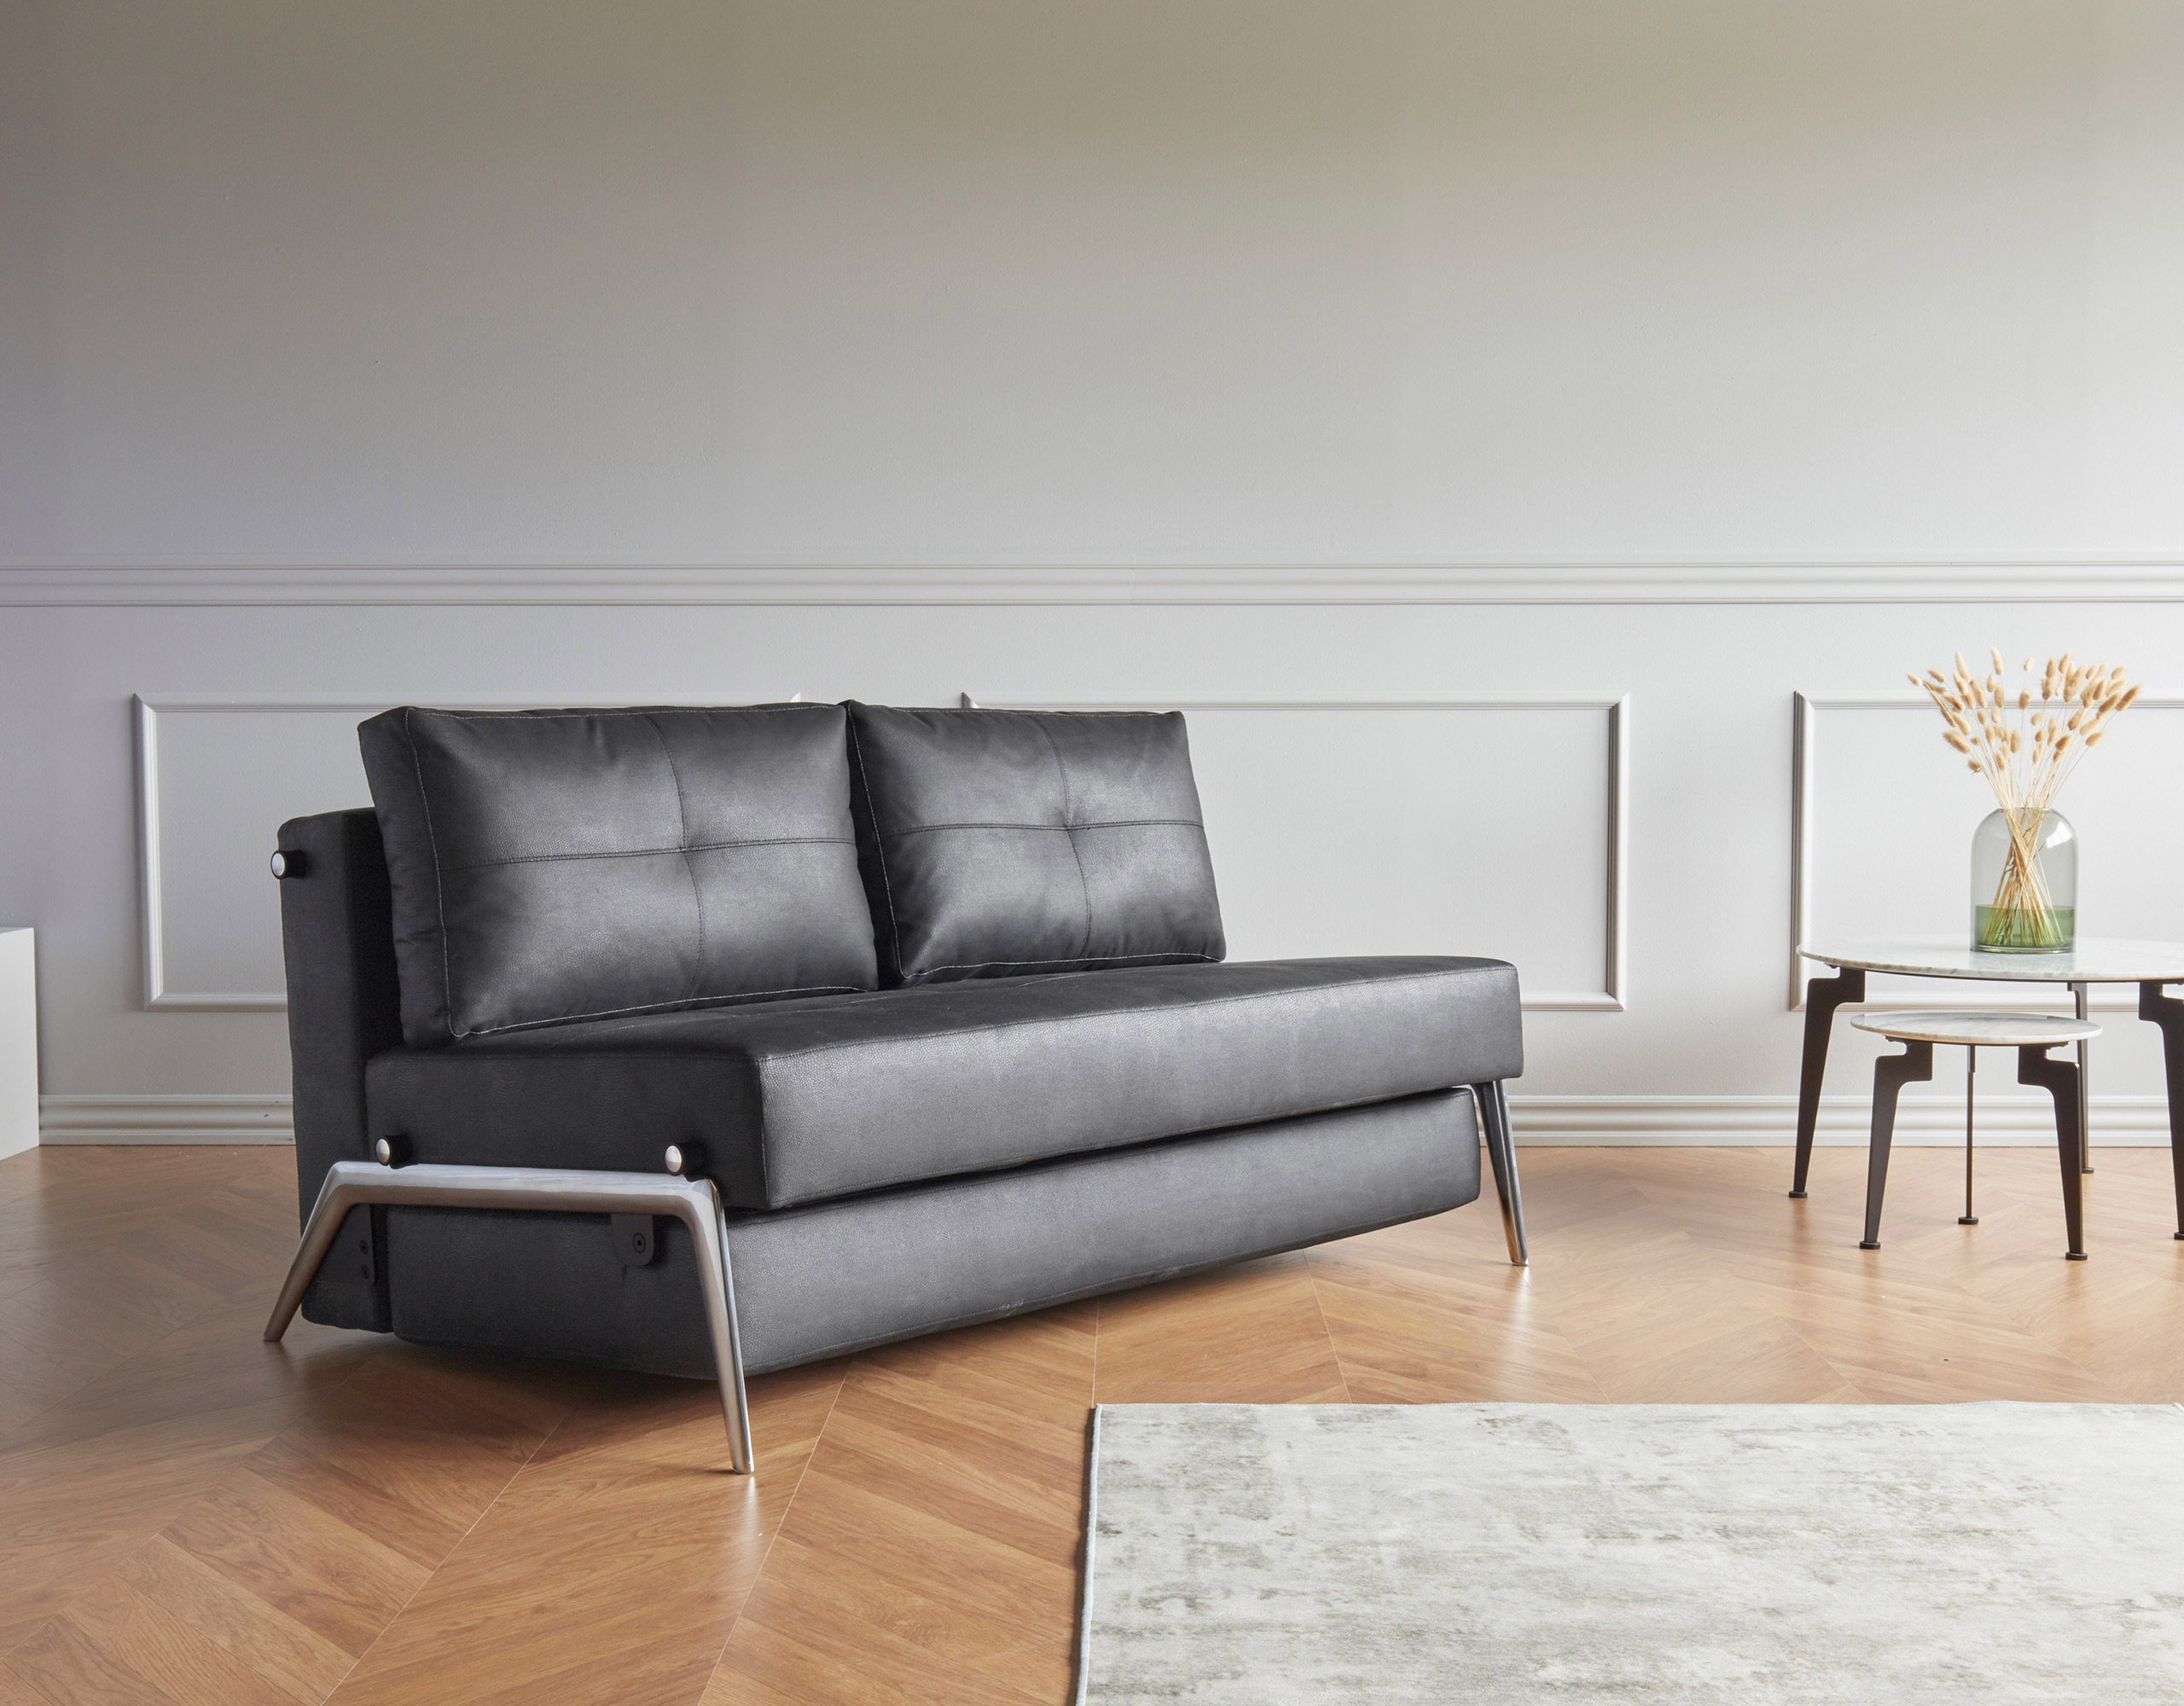 Cubed 160 Alu Sofa Bed